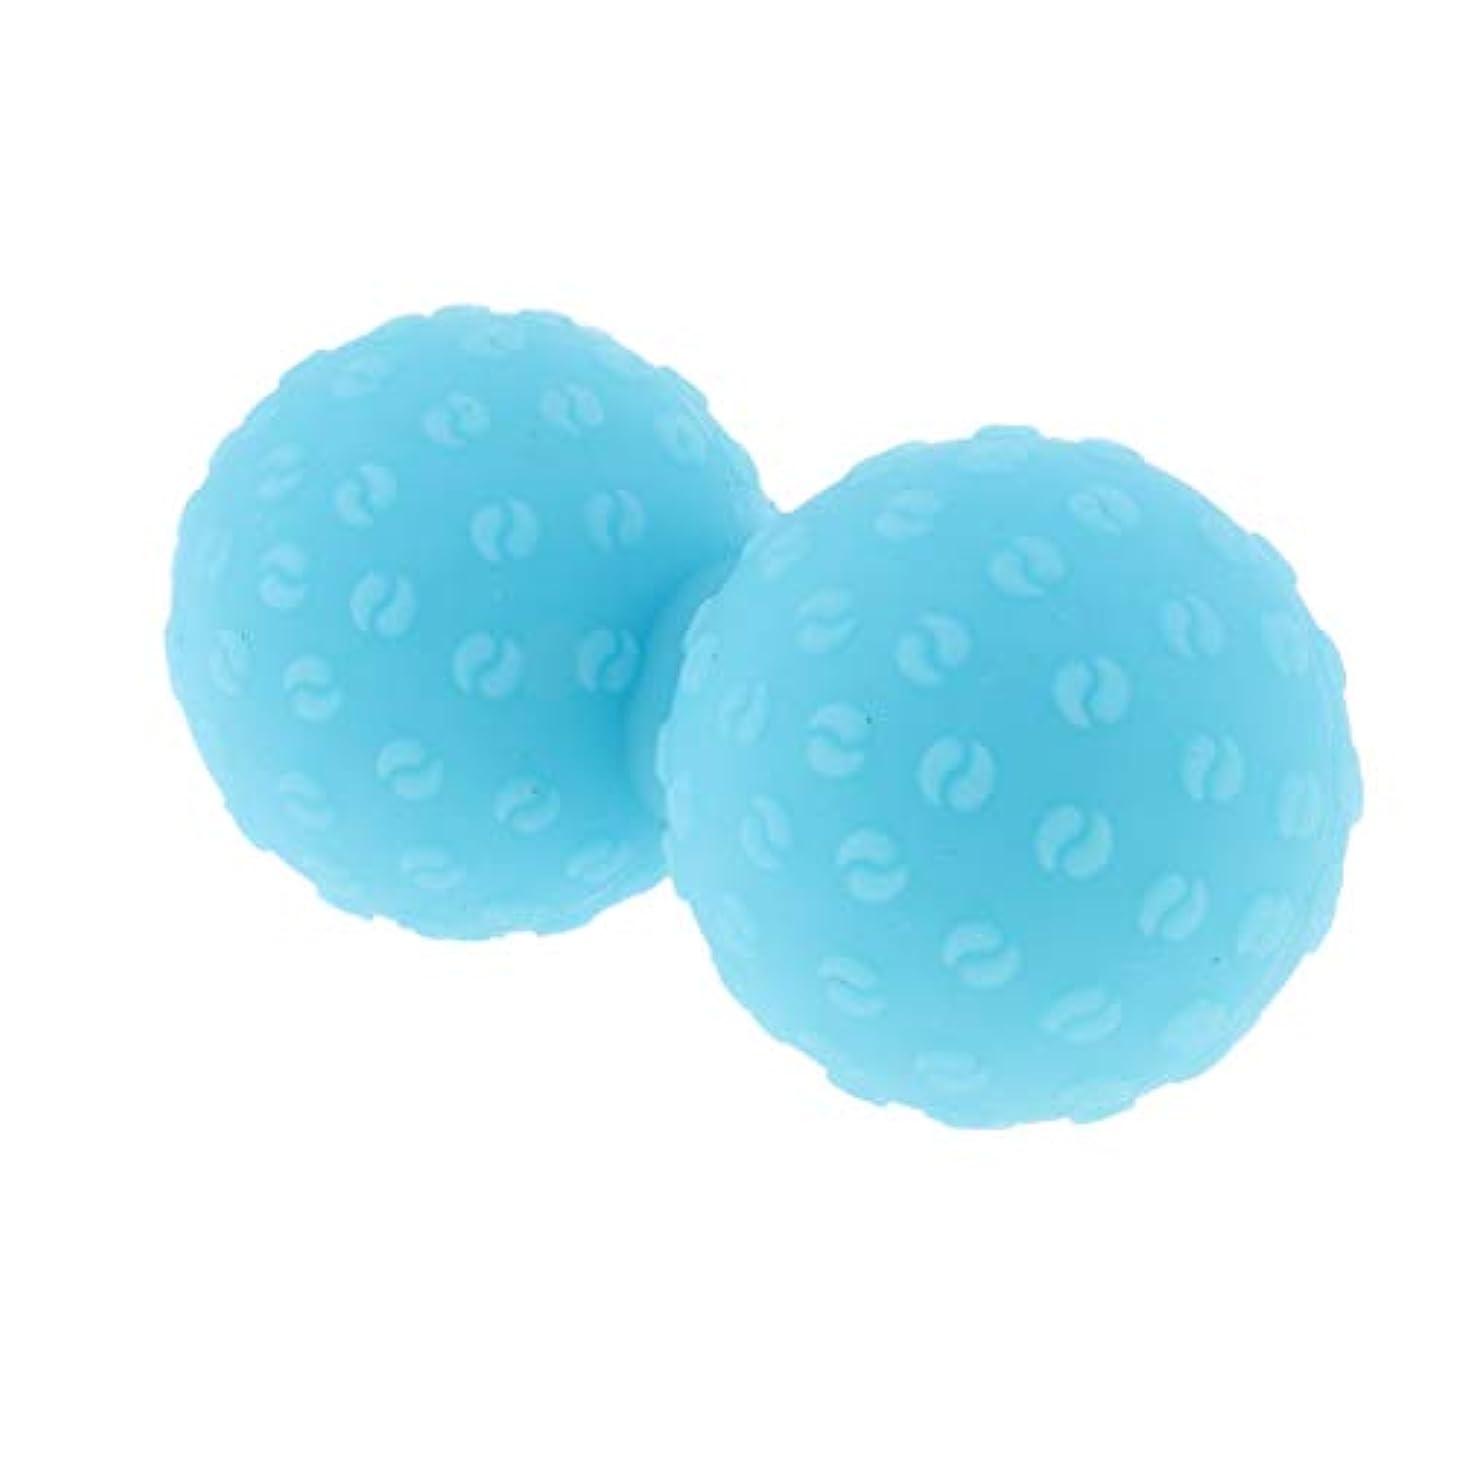 レルム不信首相Fenteer シリコンマッサージボール 指圧ボール ピーナッツ トリガーポイント ツボ押しグッズ ヨガ 全6色 - 青, 説明のとおり